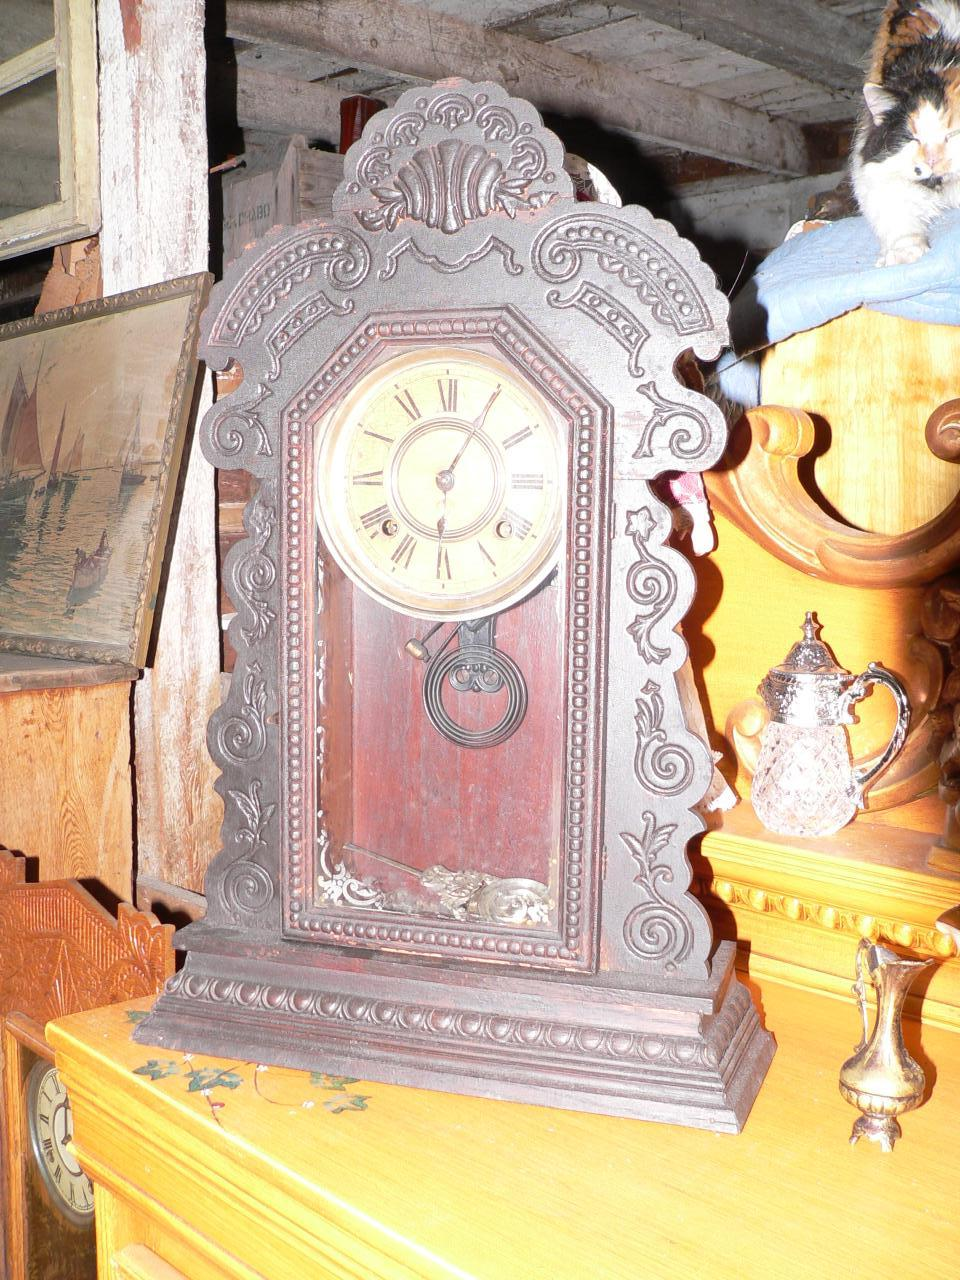 Horloge antique pain d'épice # 3051